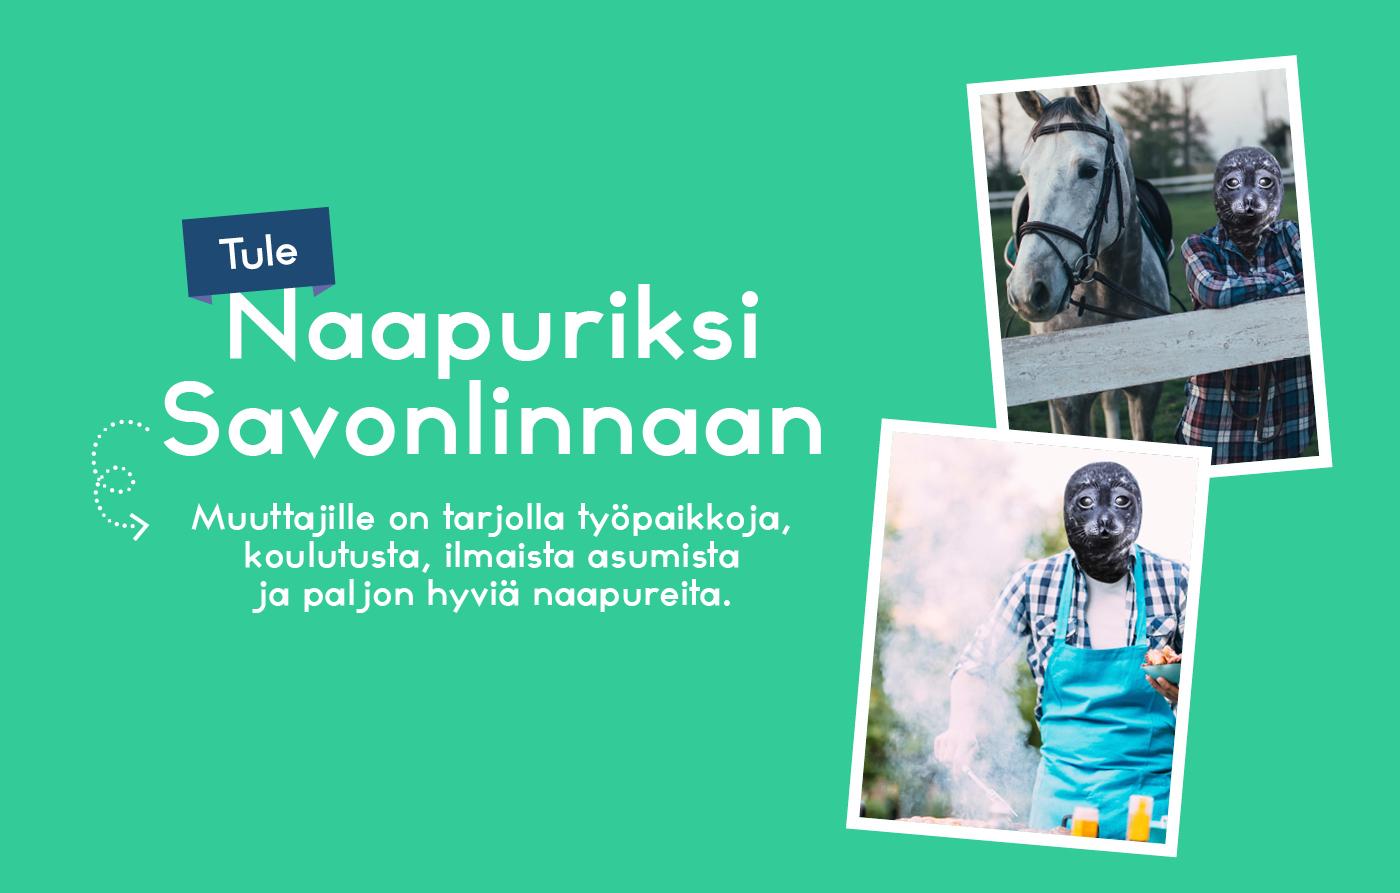 Naapuriksi Savonlinnaan verkkosivu kampanja